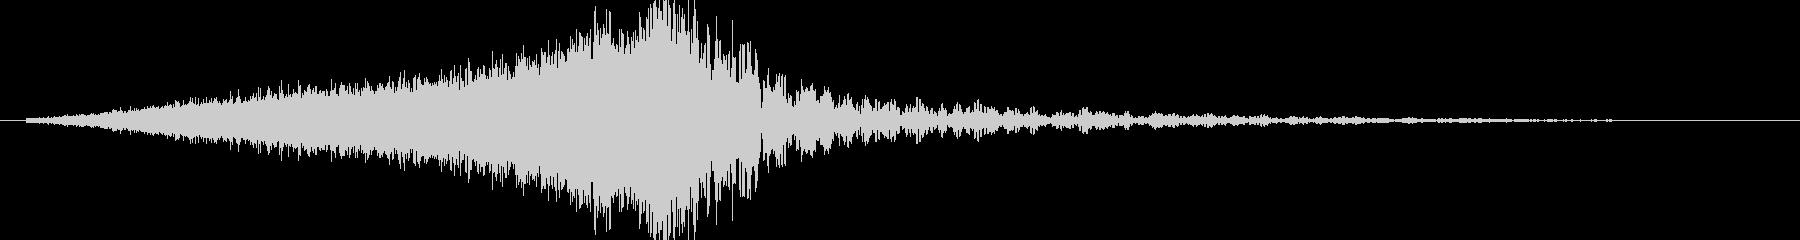 キーンドーン(金属的な音の後に爆発)の未再生の波形